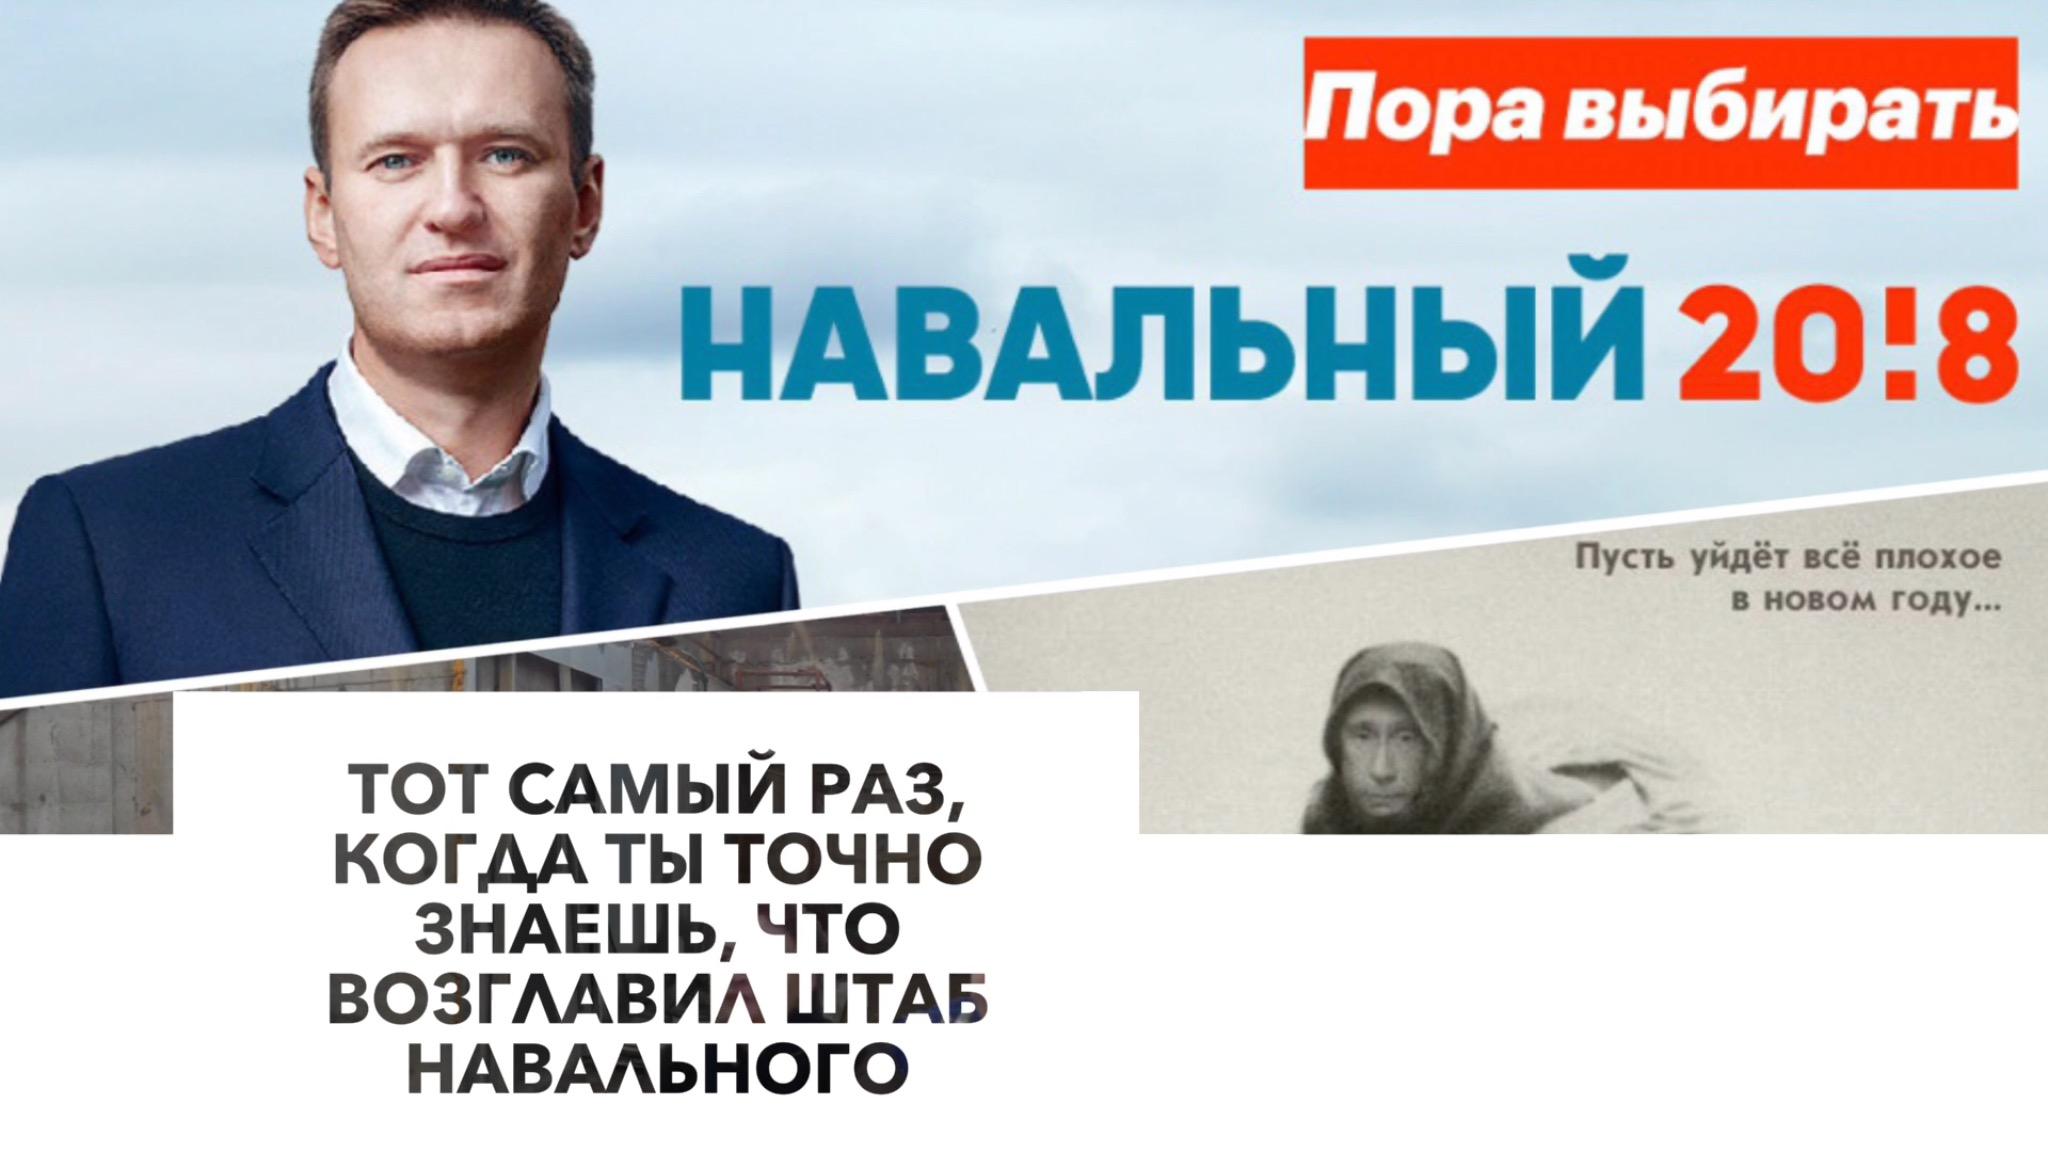 Тот самый раз, когда ты точно знаешь, что возглавил штаб Навального